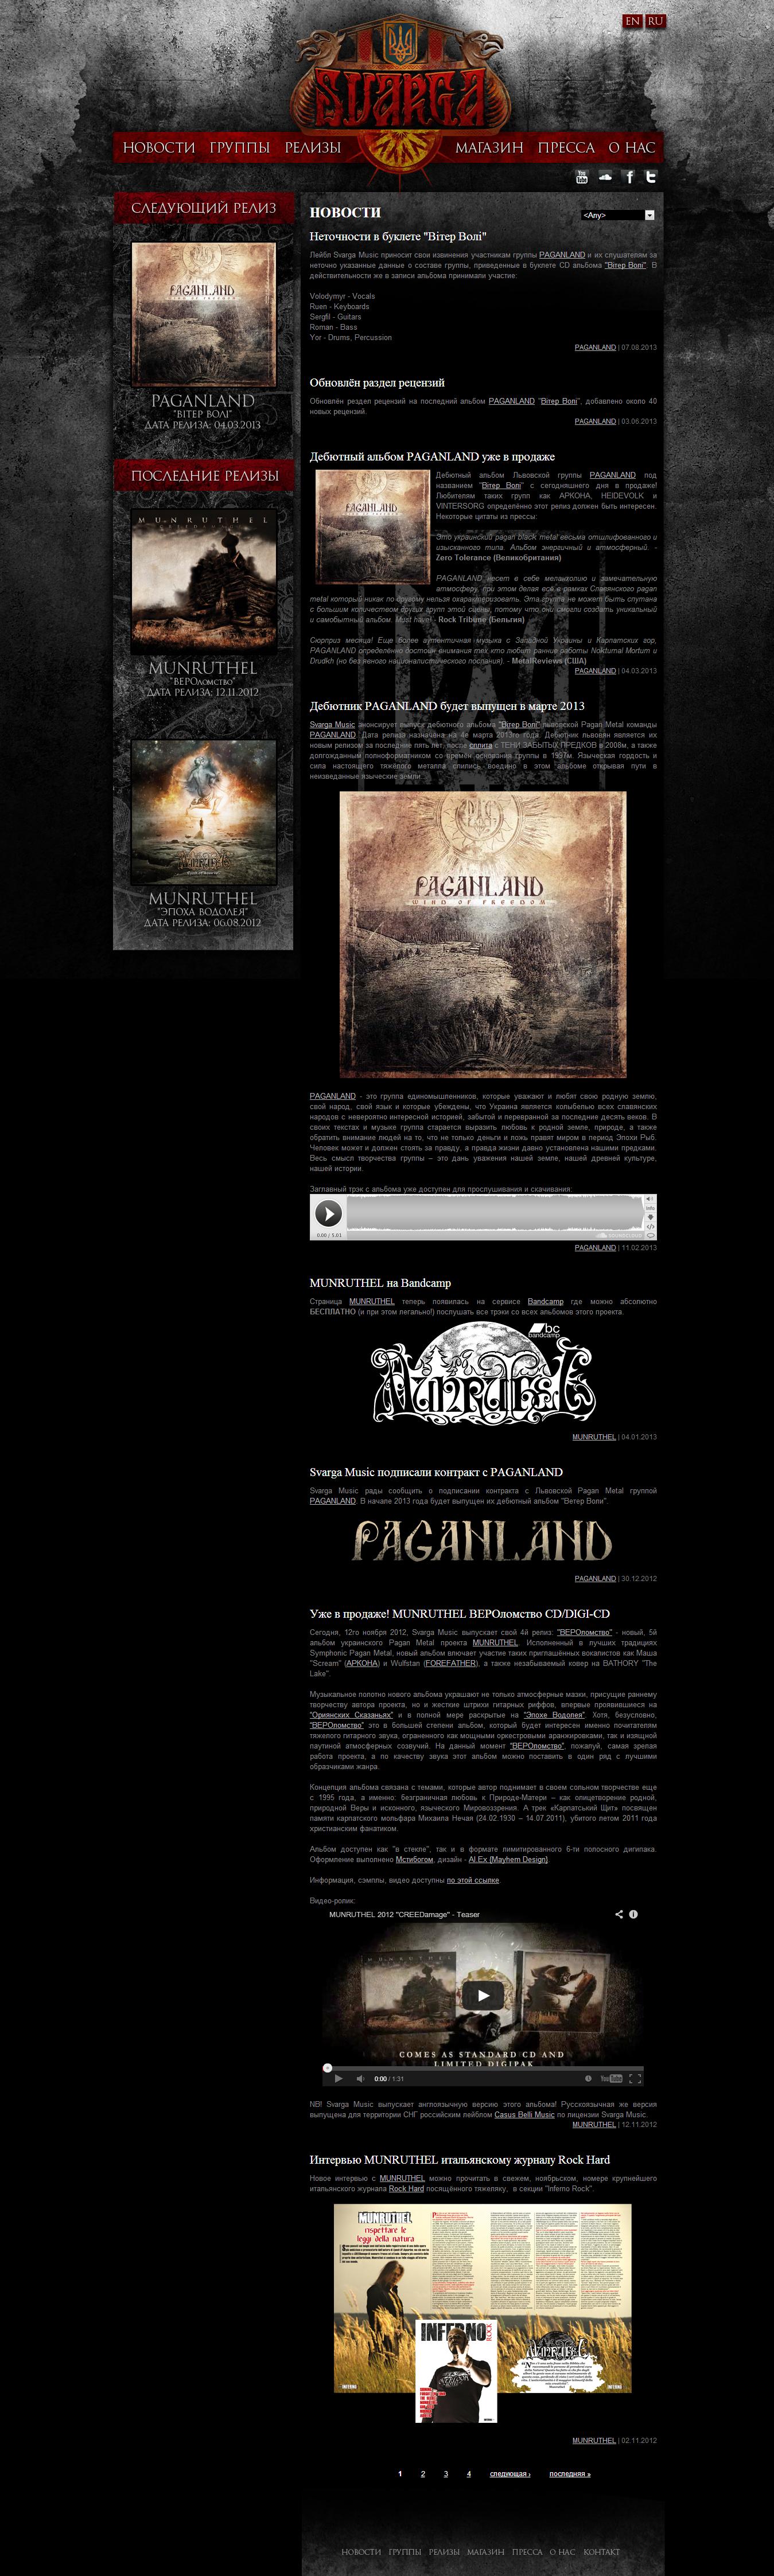 Сайт для музыкантов www.svarga.eu